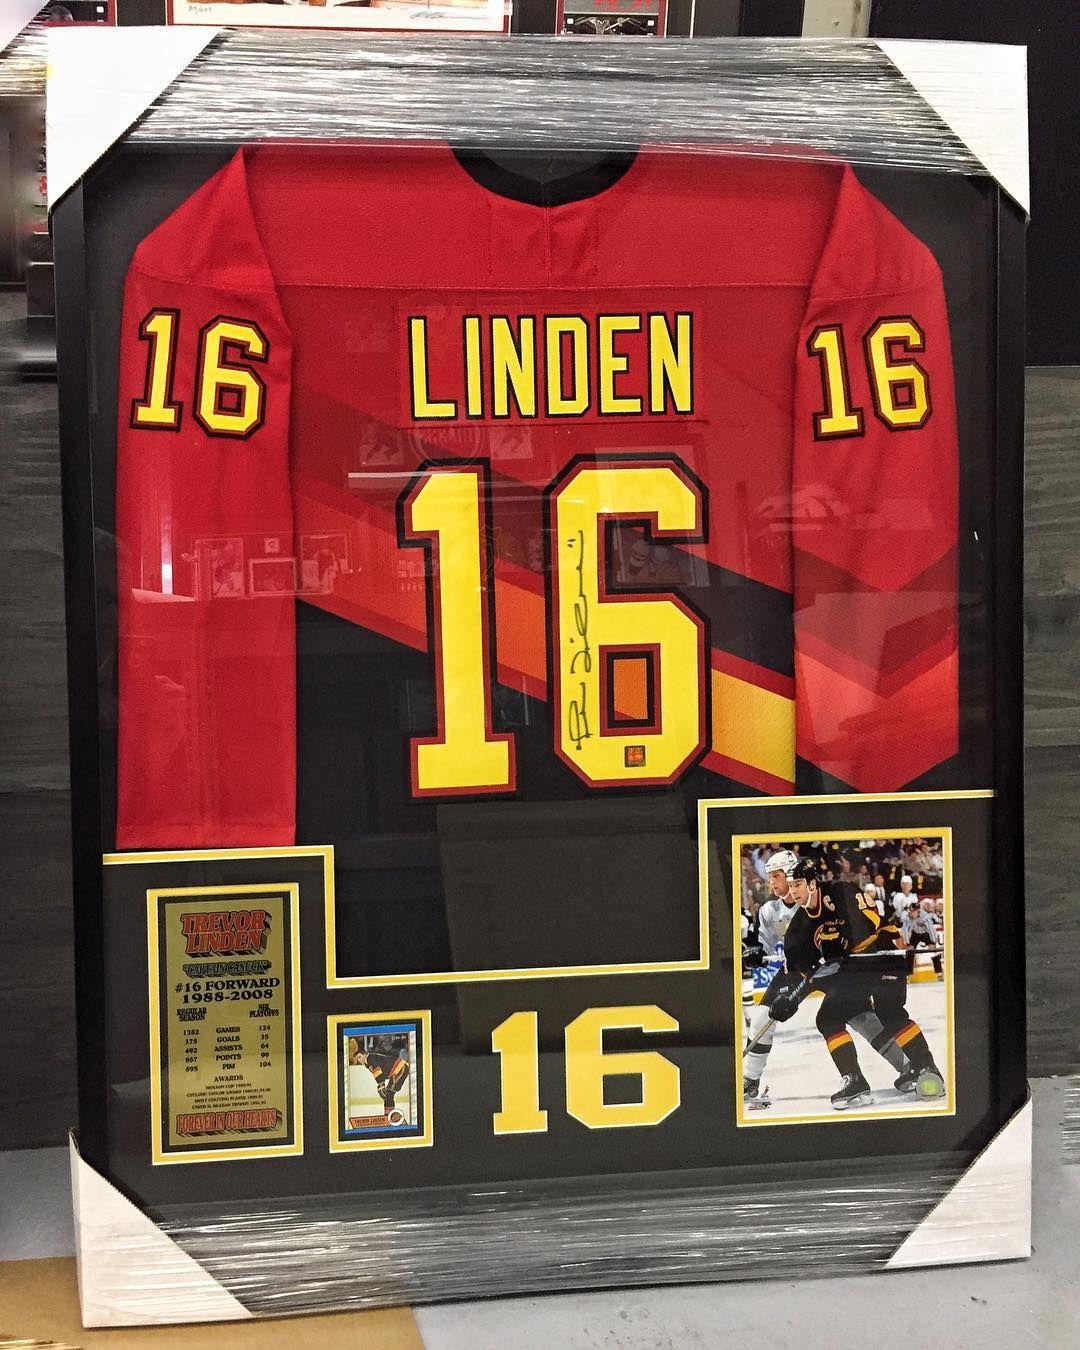 Framed signed Trevor Linden jersey ready for a happy